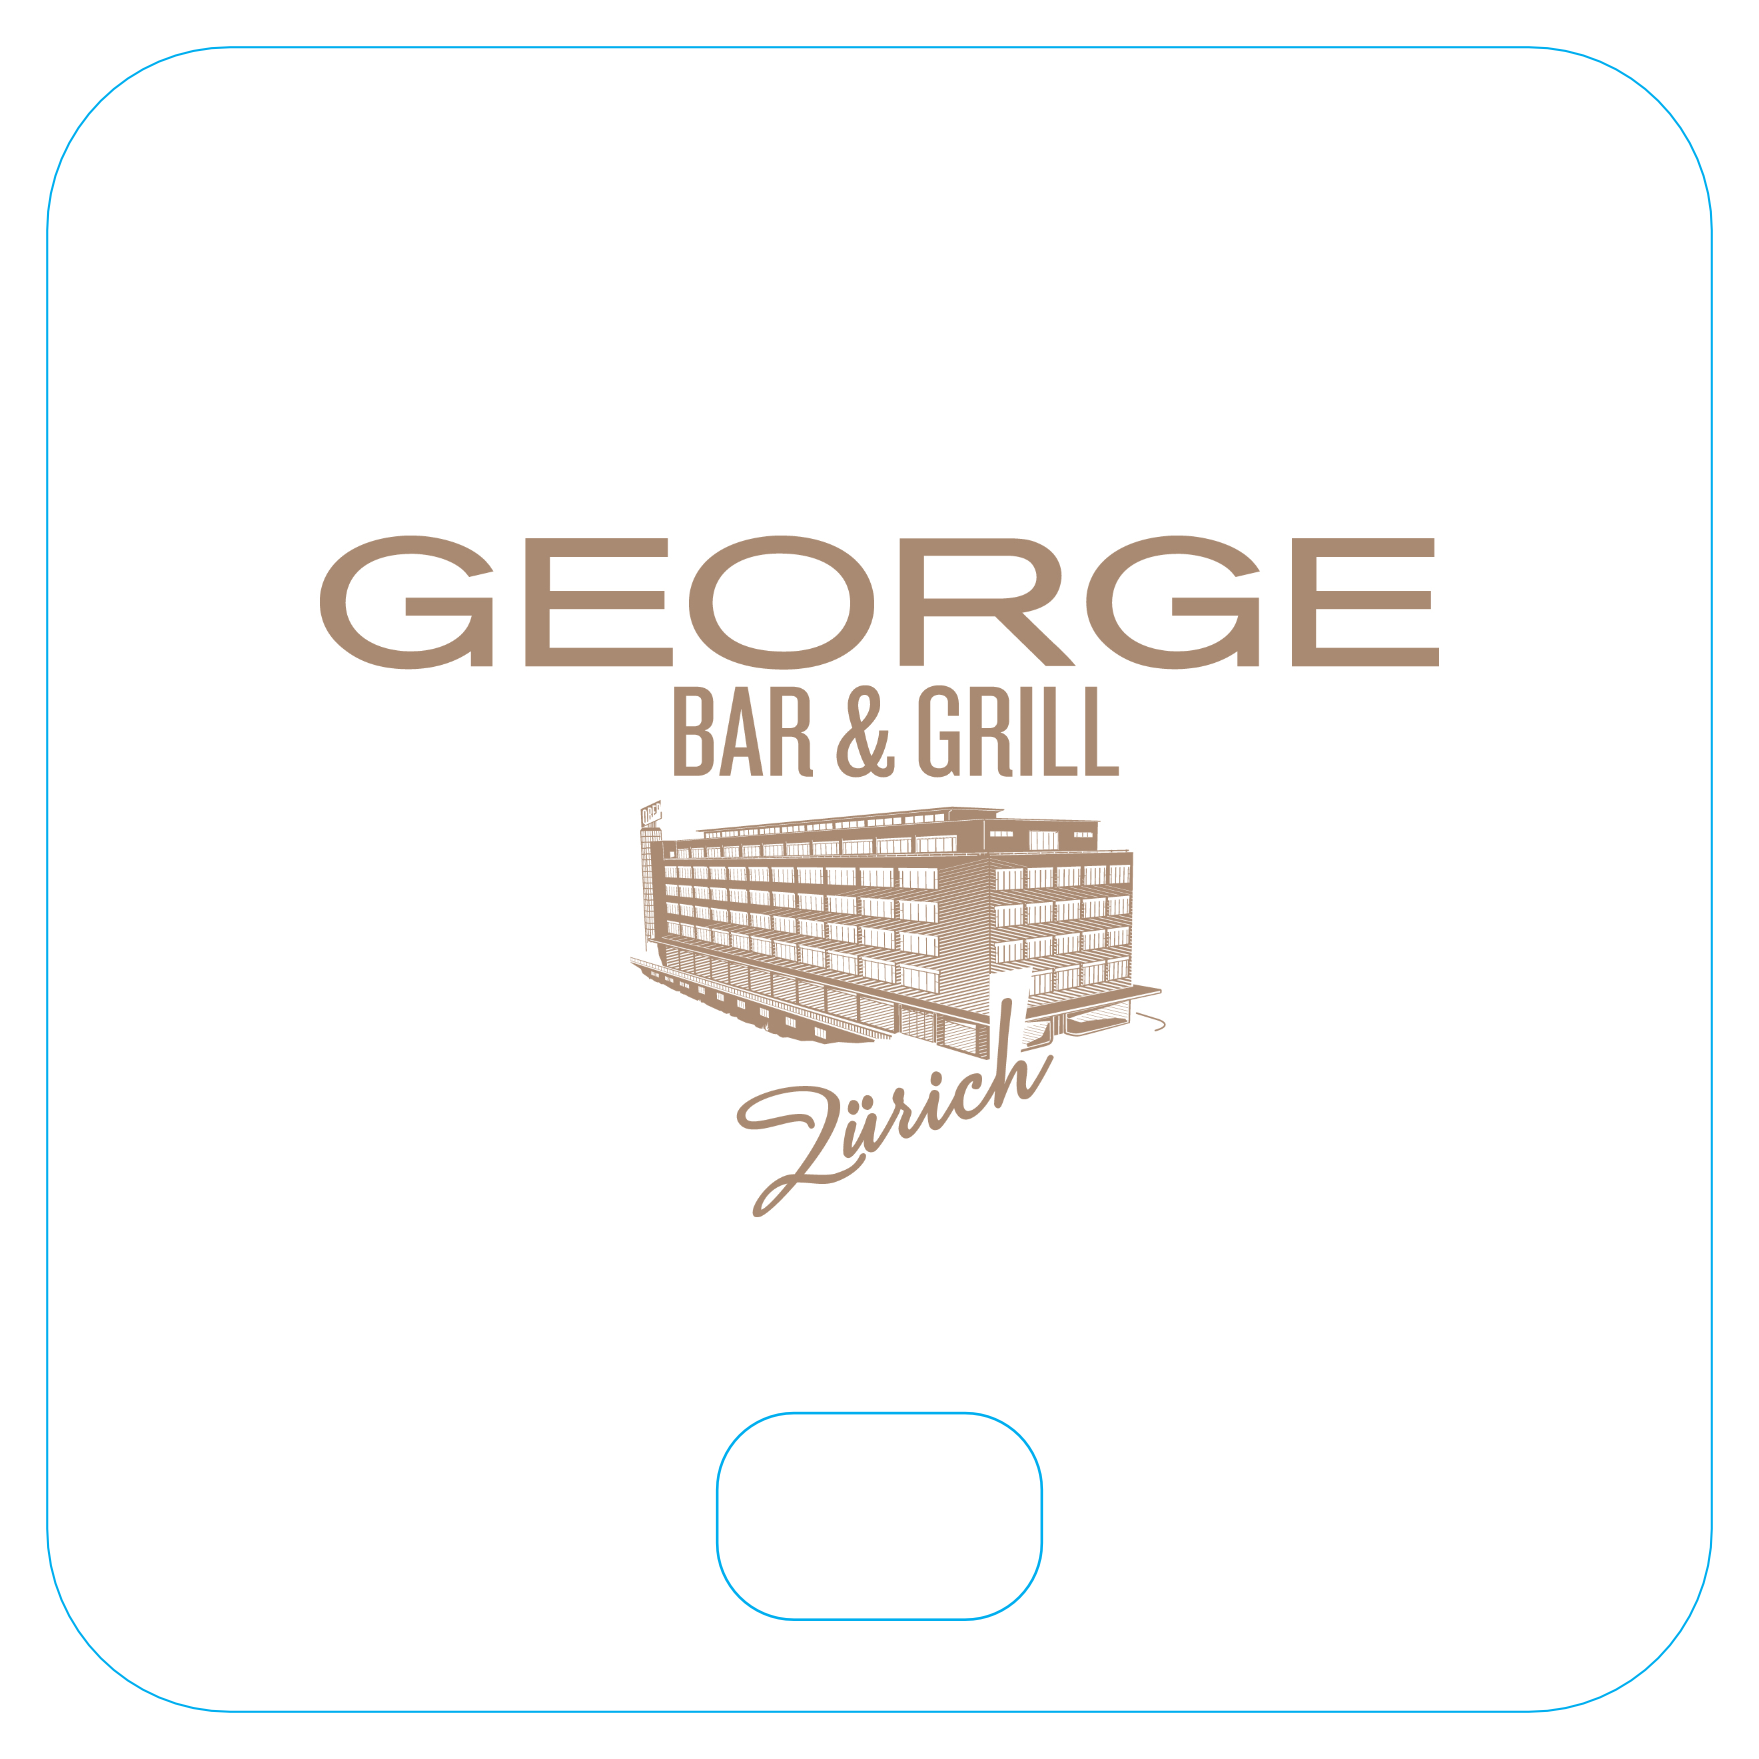 George DDF